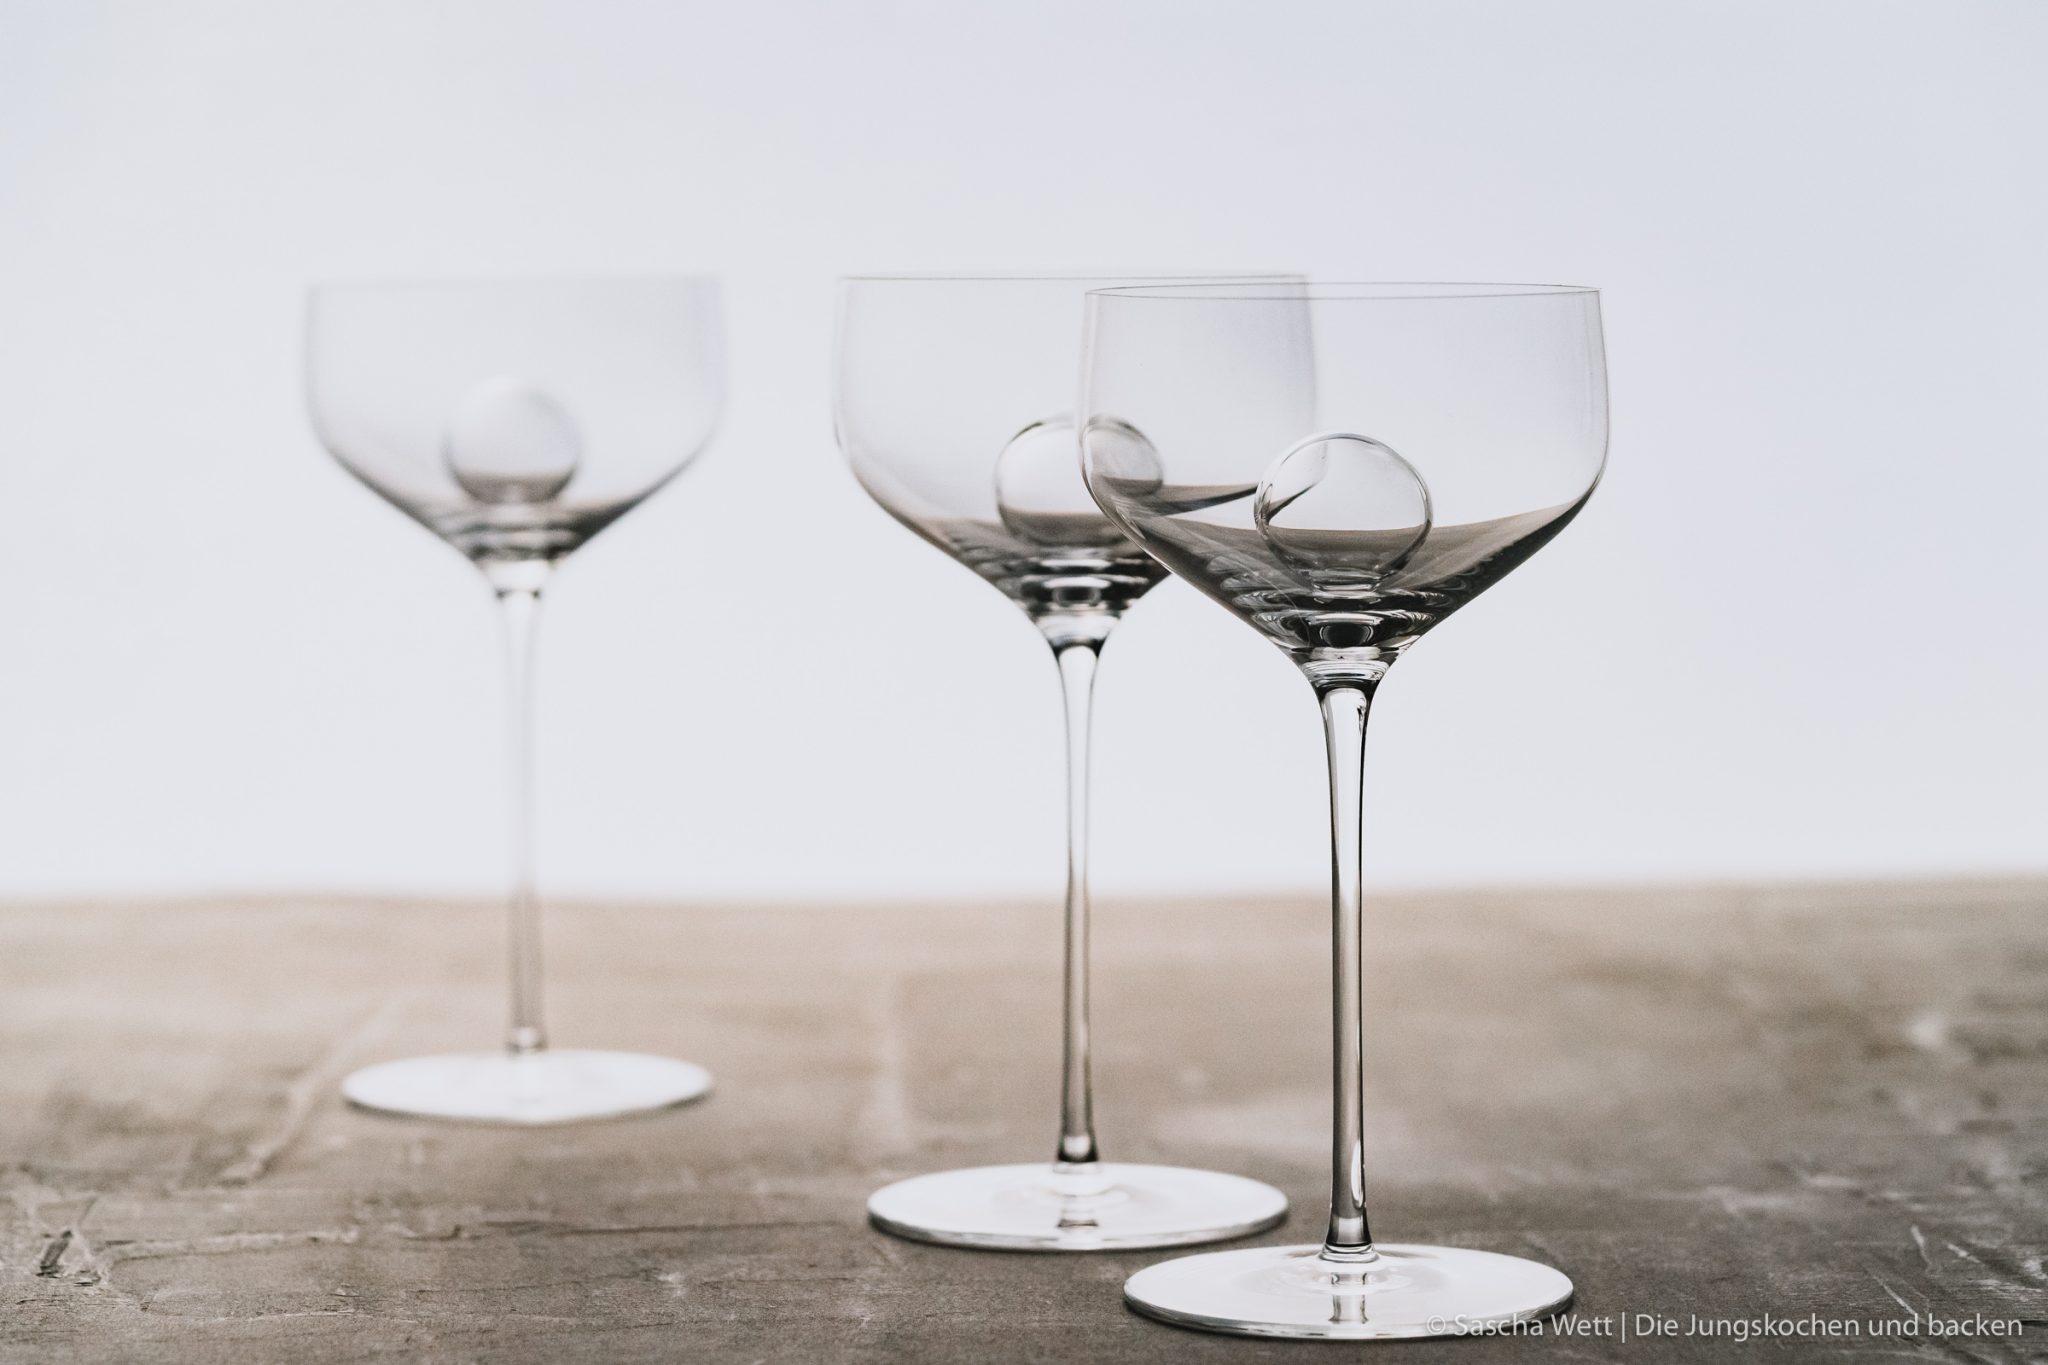 Die elegantesten mundgeblasenen Gläser weltweit.